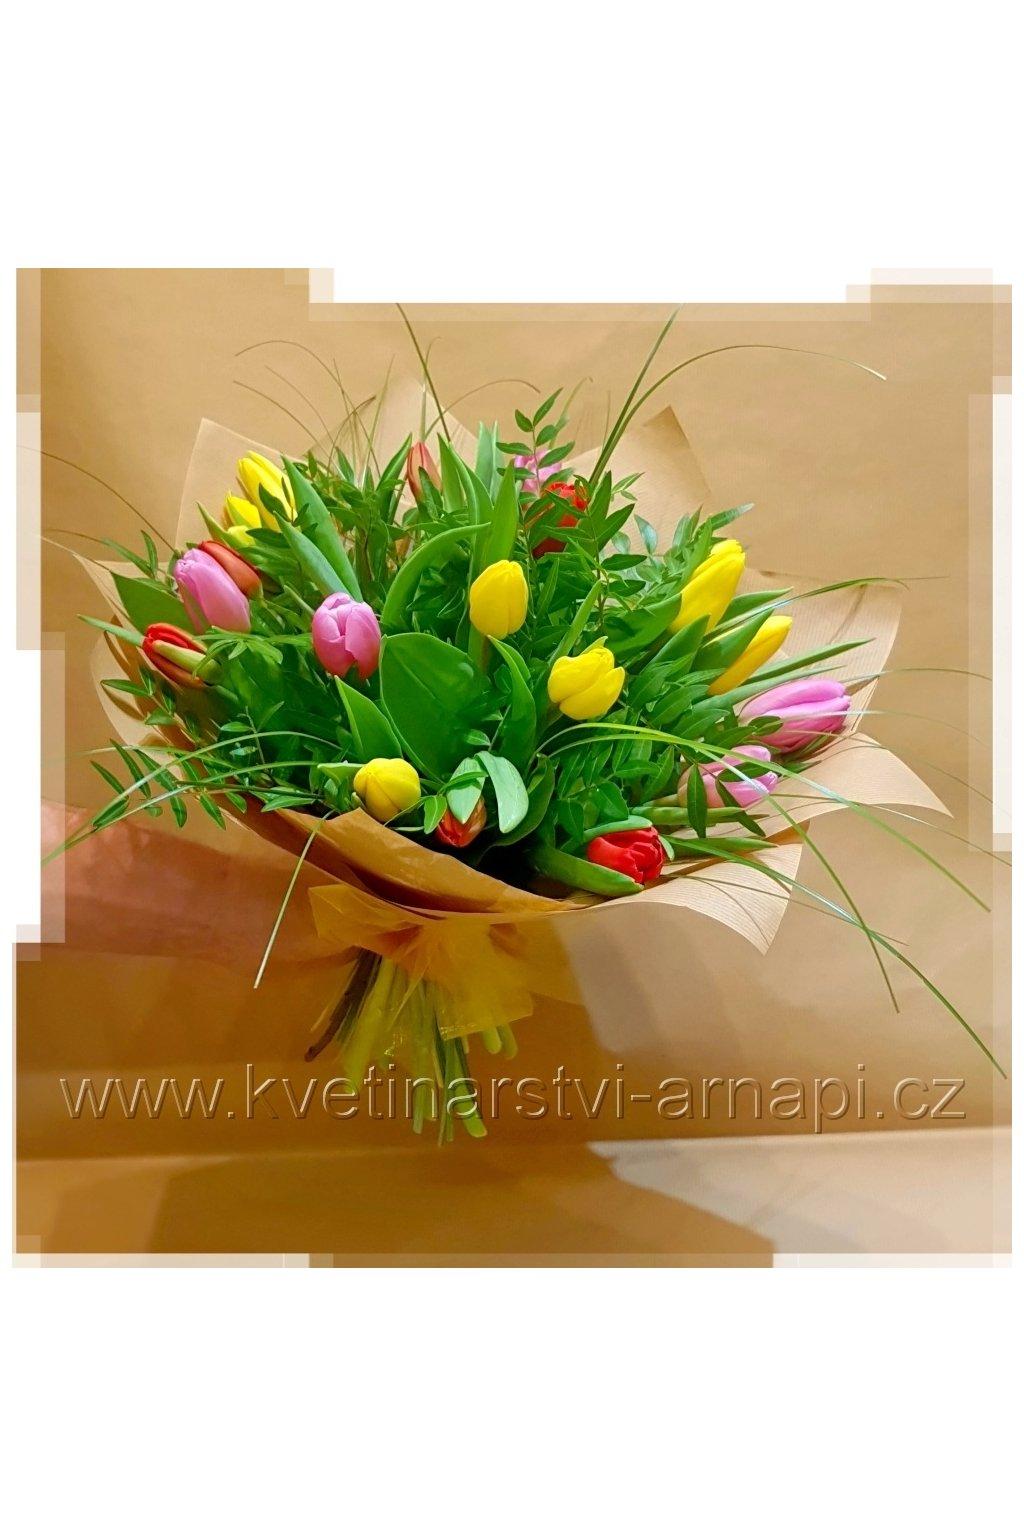 kytice kvetiny kvetinarstvi arnapi eshop